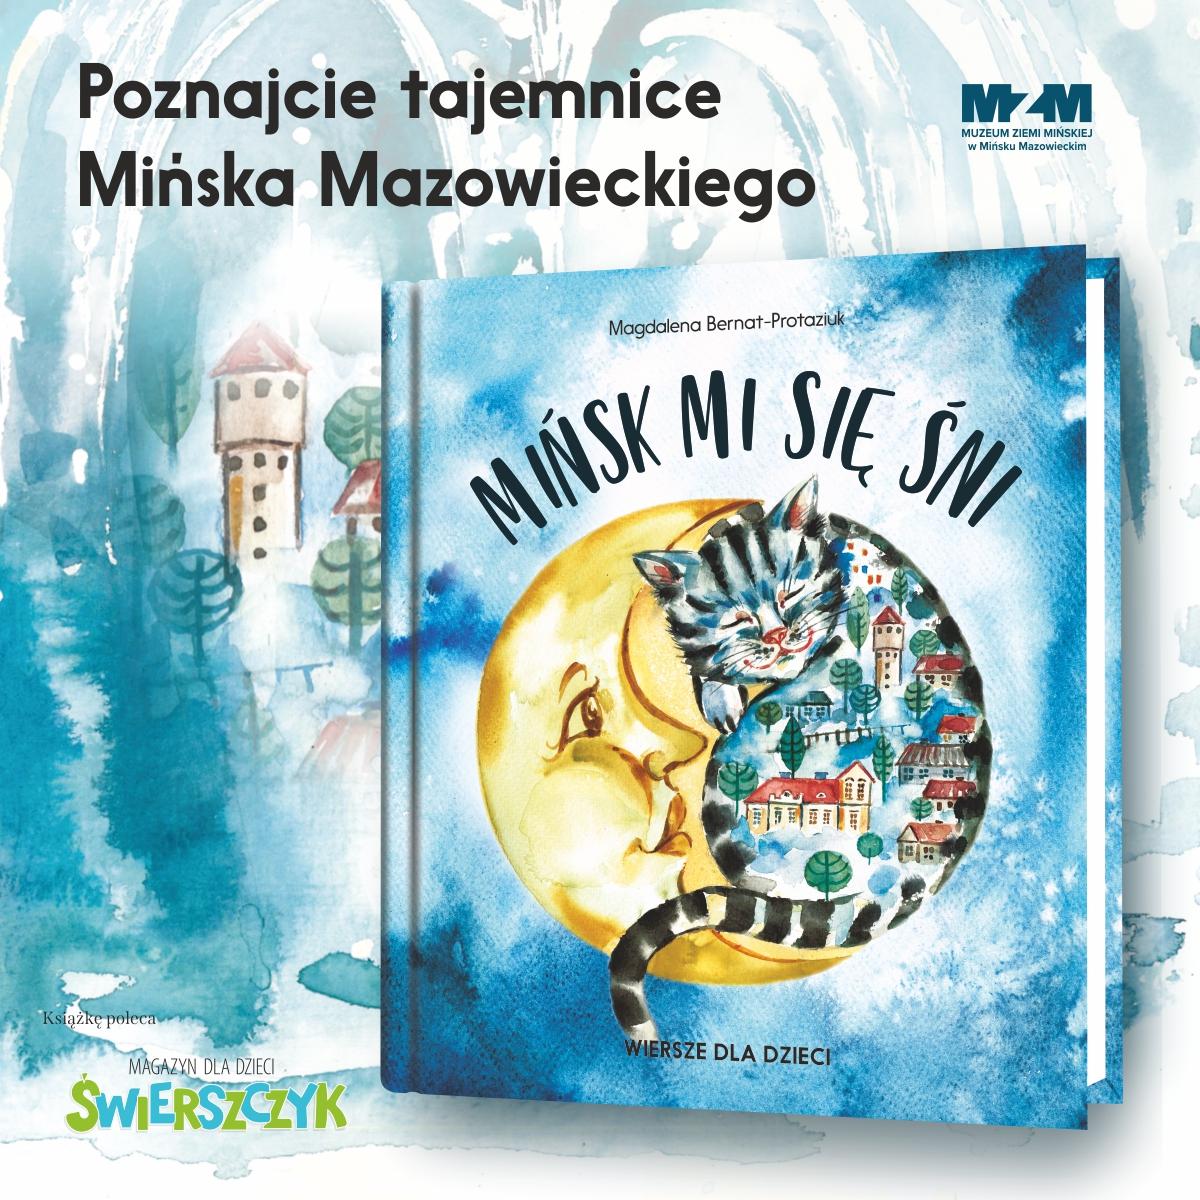 Mińsk mi się śni – wiersze dla dzieci – już wsprzedaży!